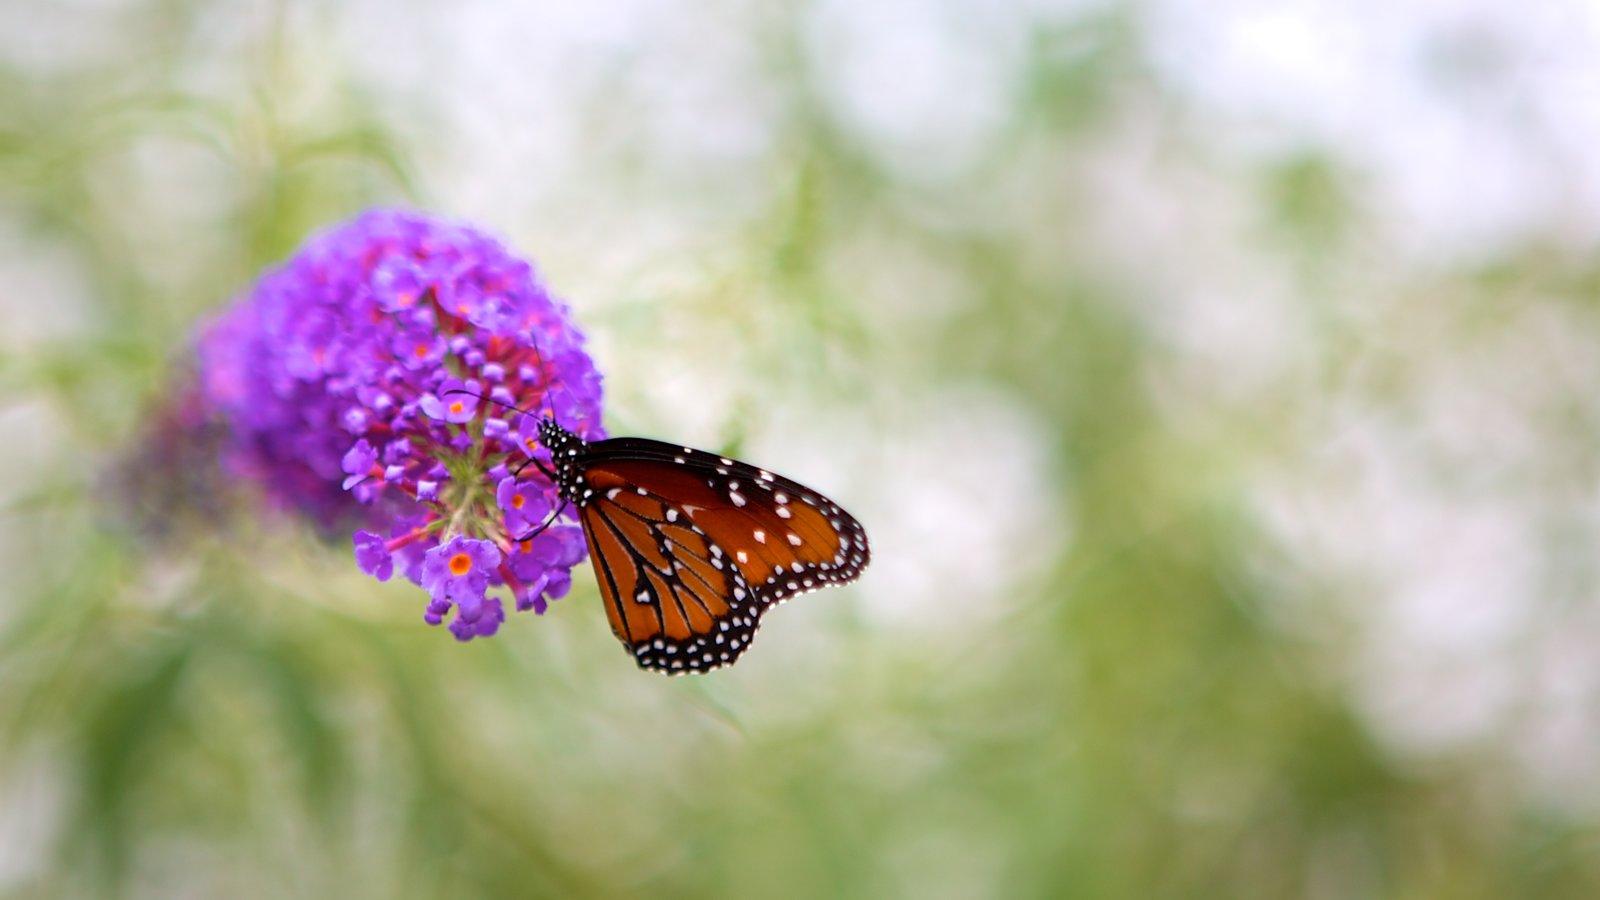 Hershey Gardens caracterizando animais e flores